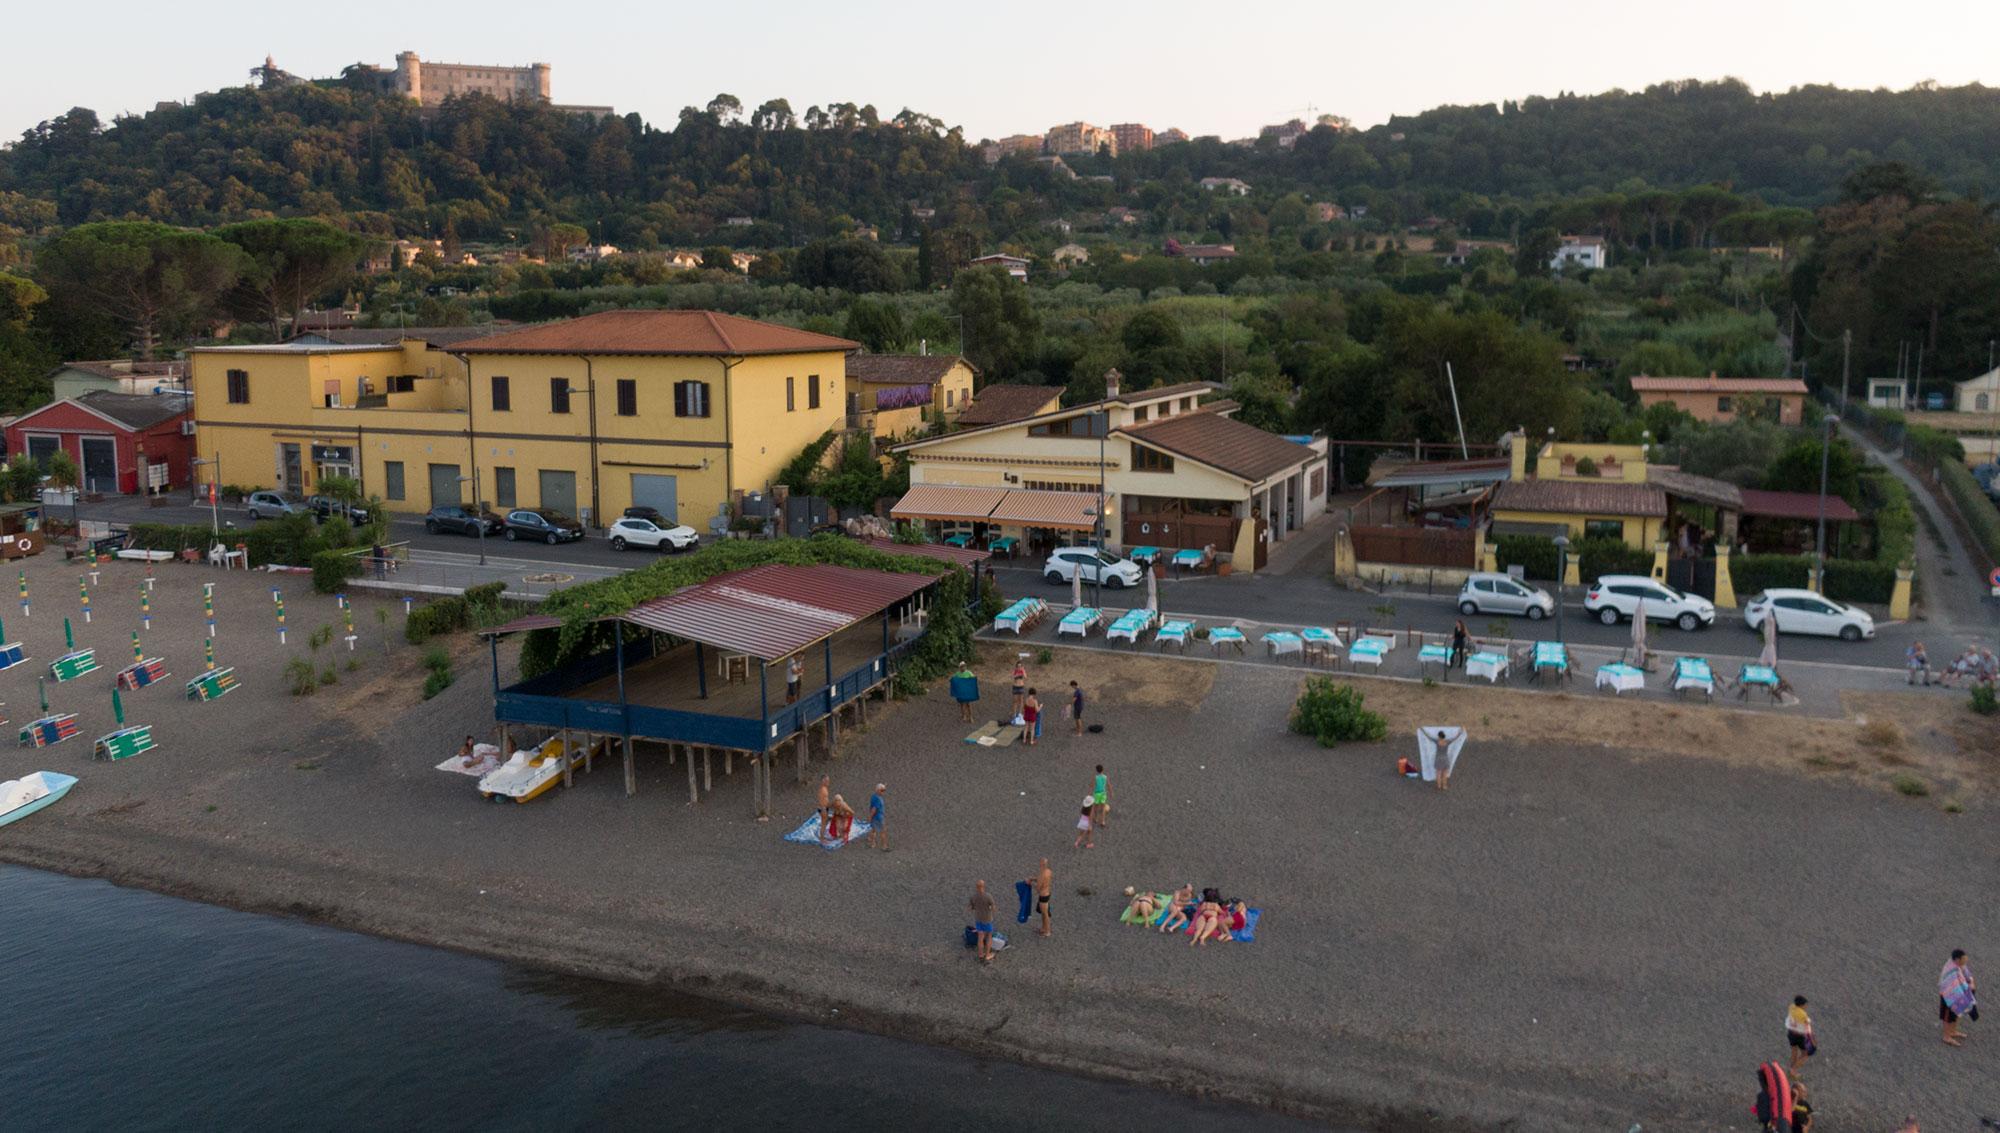 Ristorante Lago Bracciano La Tramontana